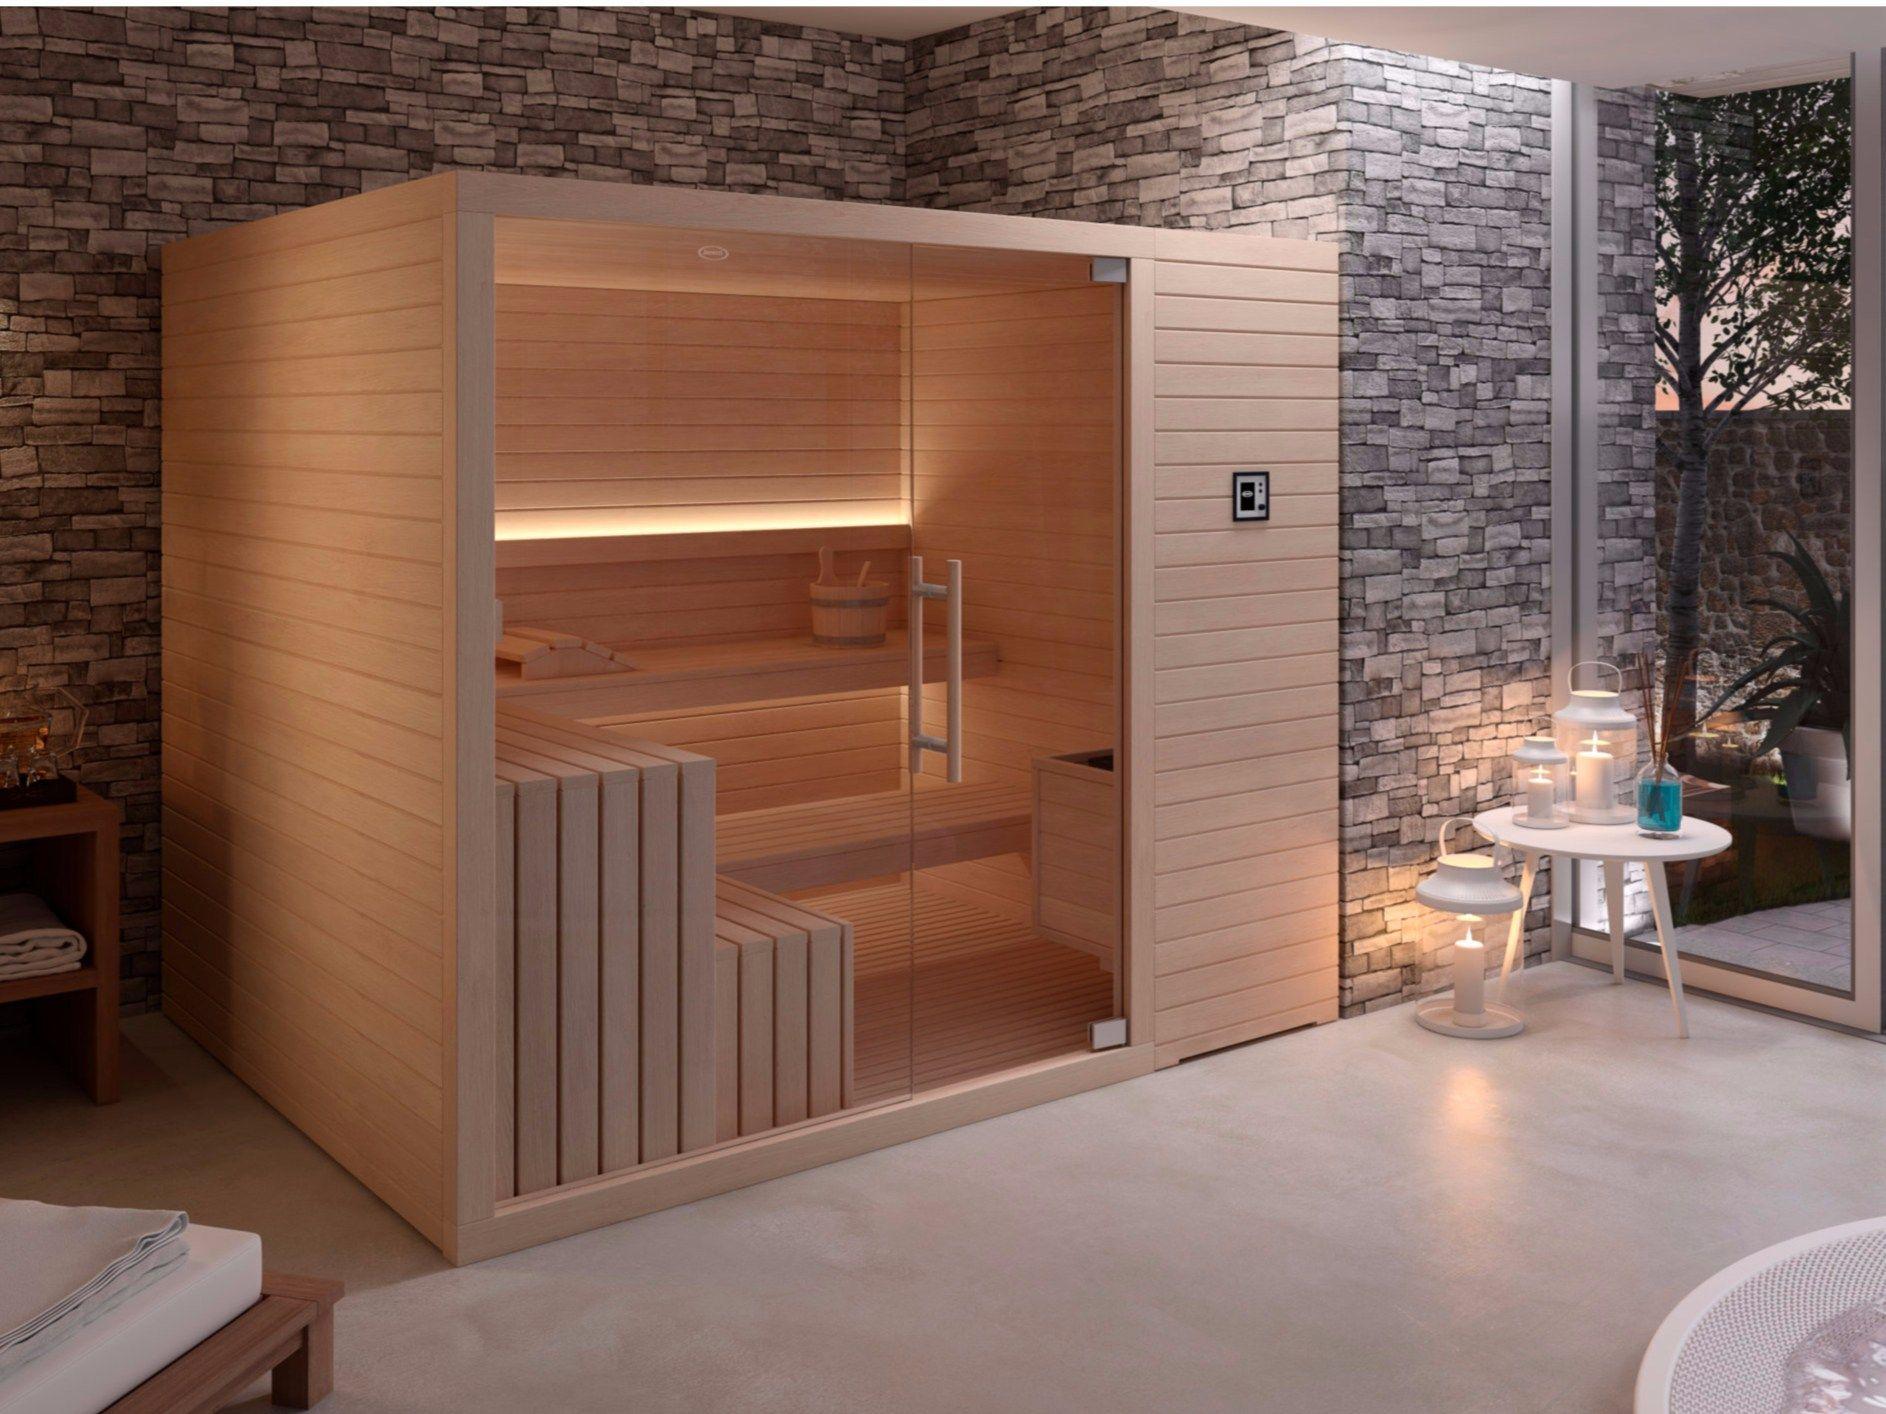 Salle De Bain Yvetot ~ Sauna Mood Jacuzzi Europe Sauna Steam Room Jacuzzi